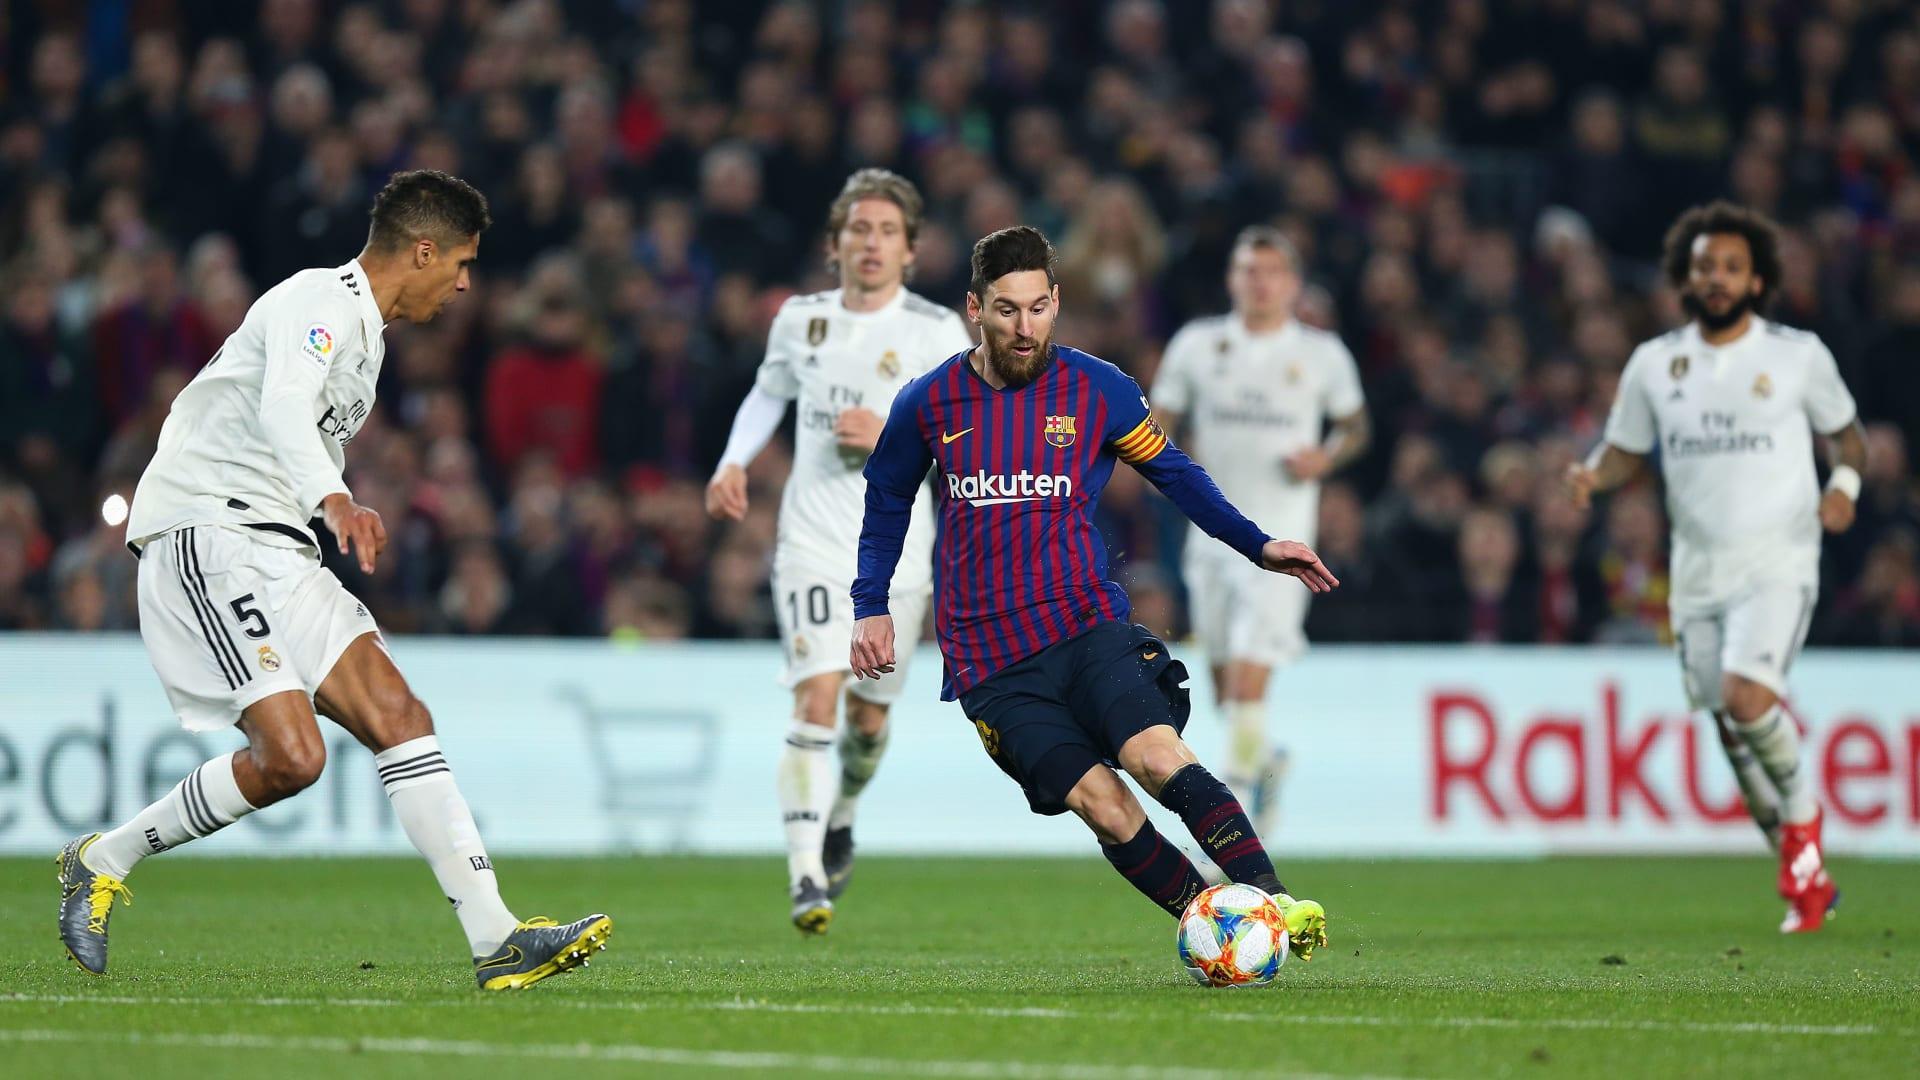 ريال مدريد يفرض التعادل على برشلونة في نصف نهائي كأس الملك